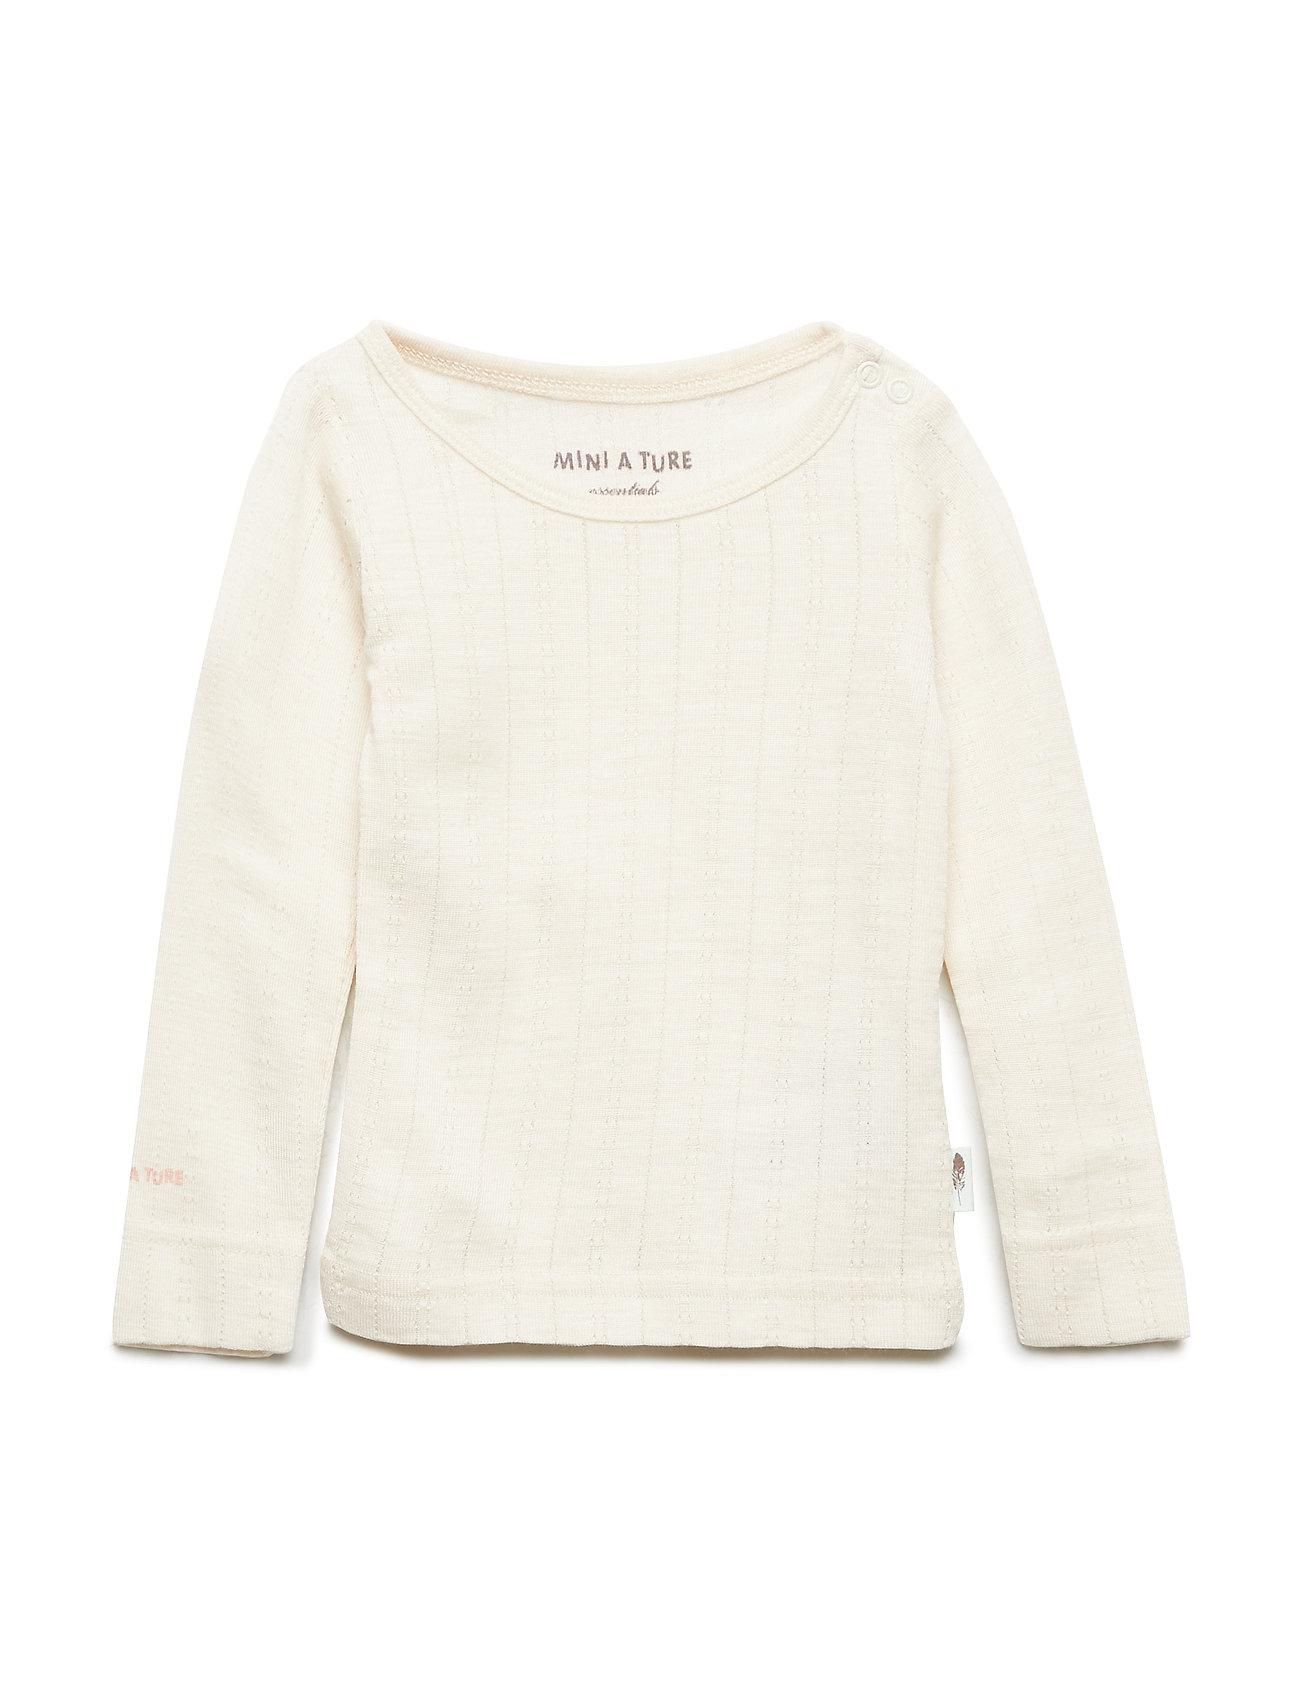 Eddy T-Shirt, Mk Mini A Ture Langærmede t-shirts til Børn i Sandshell